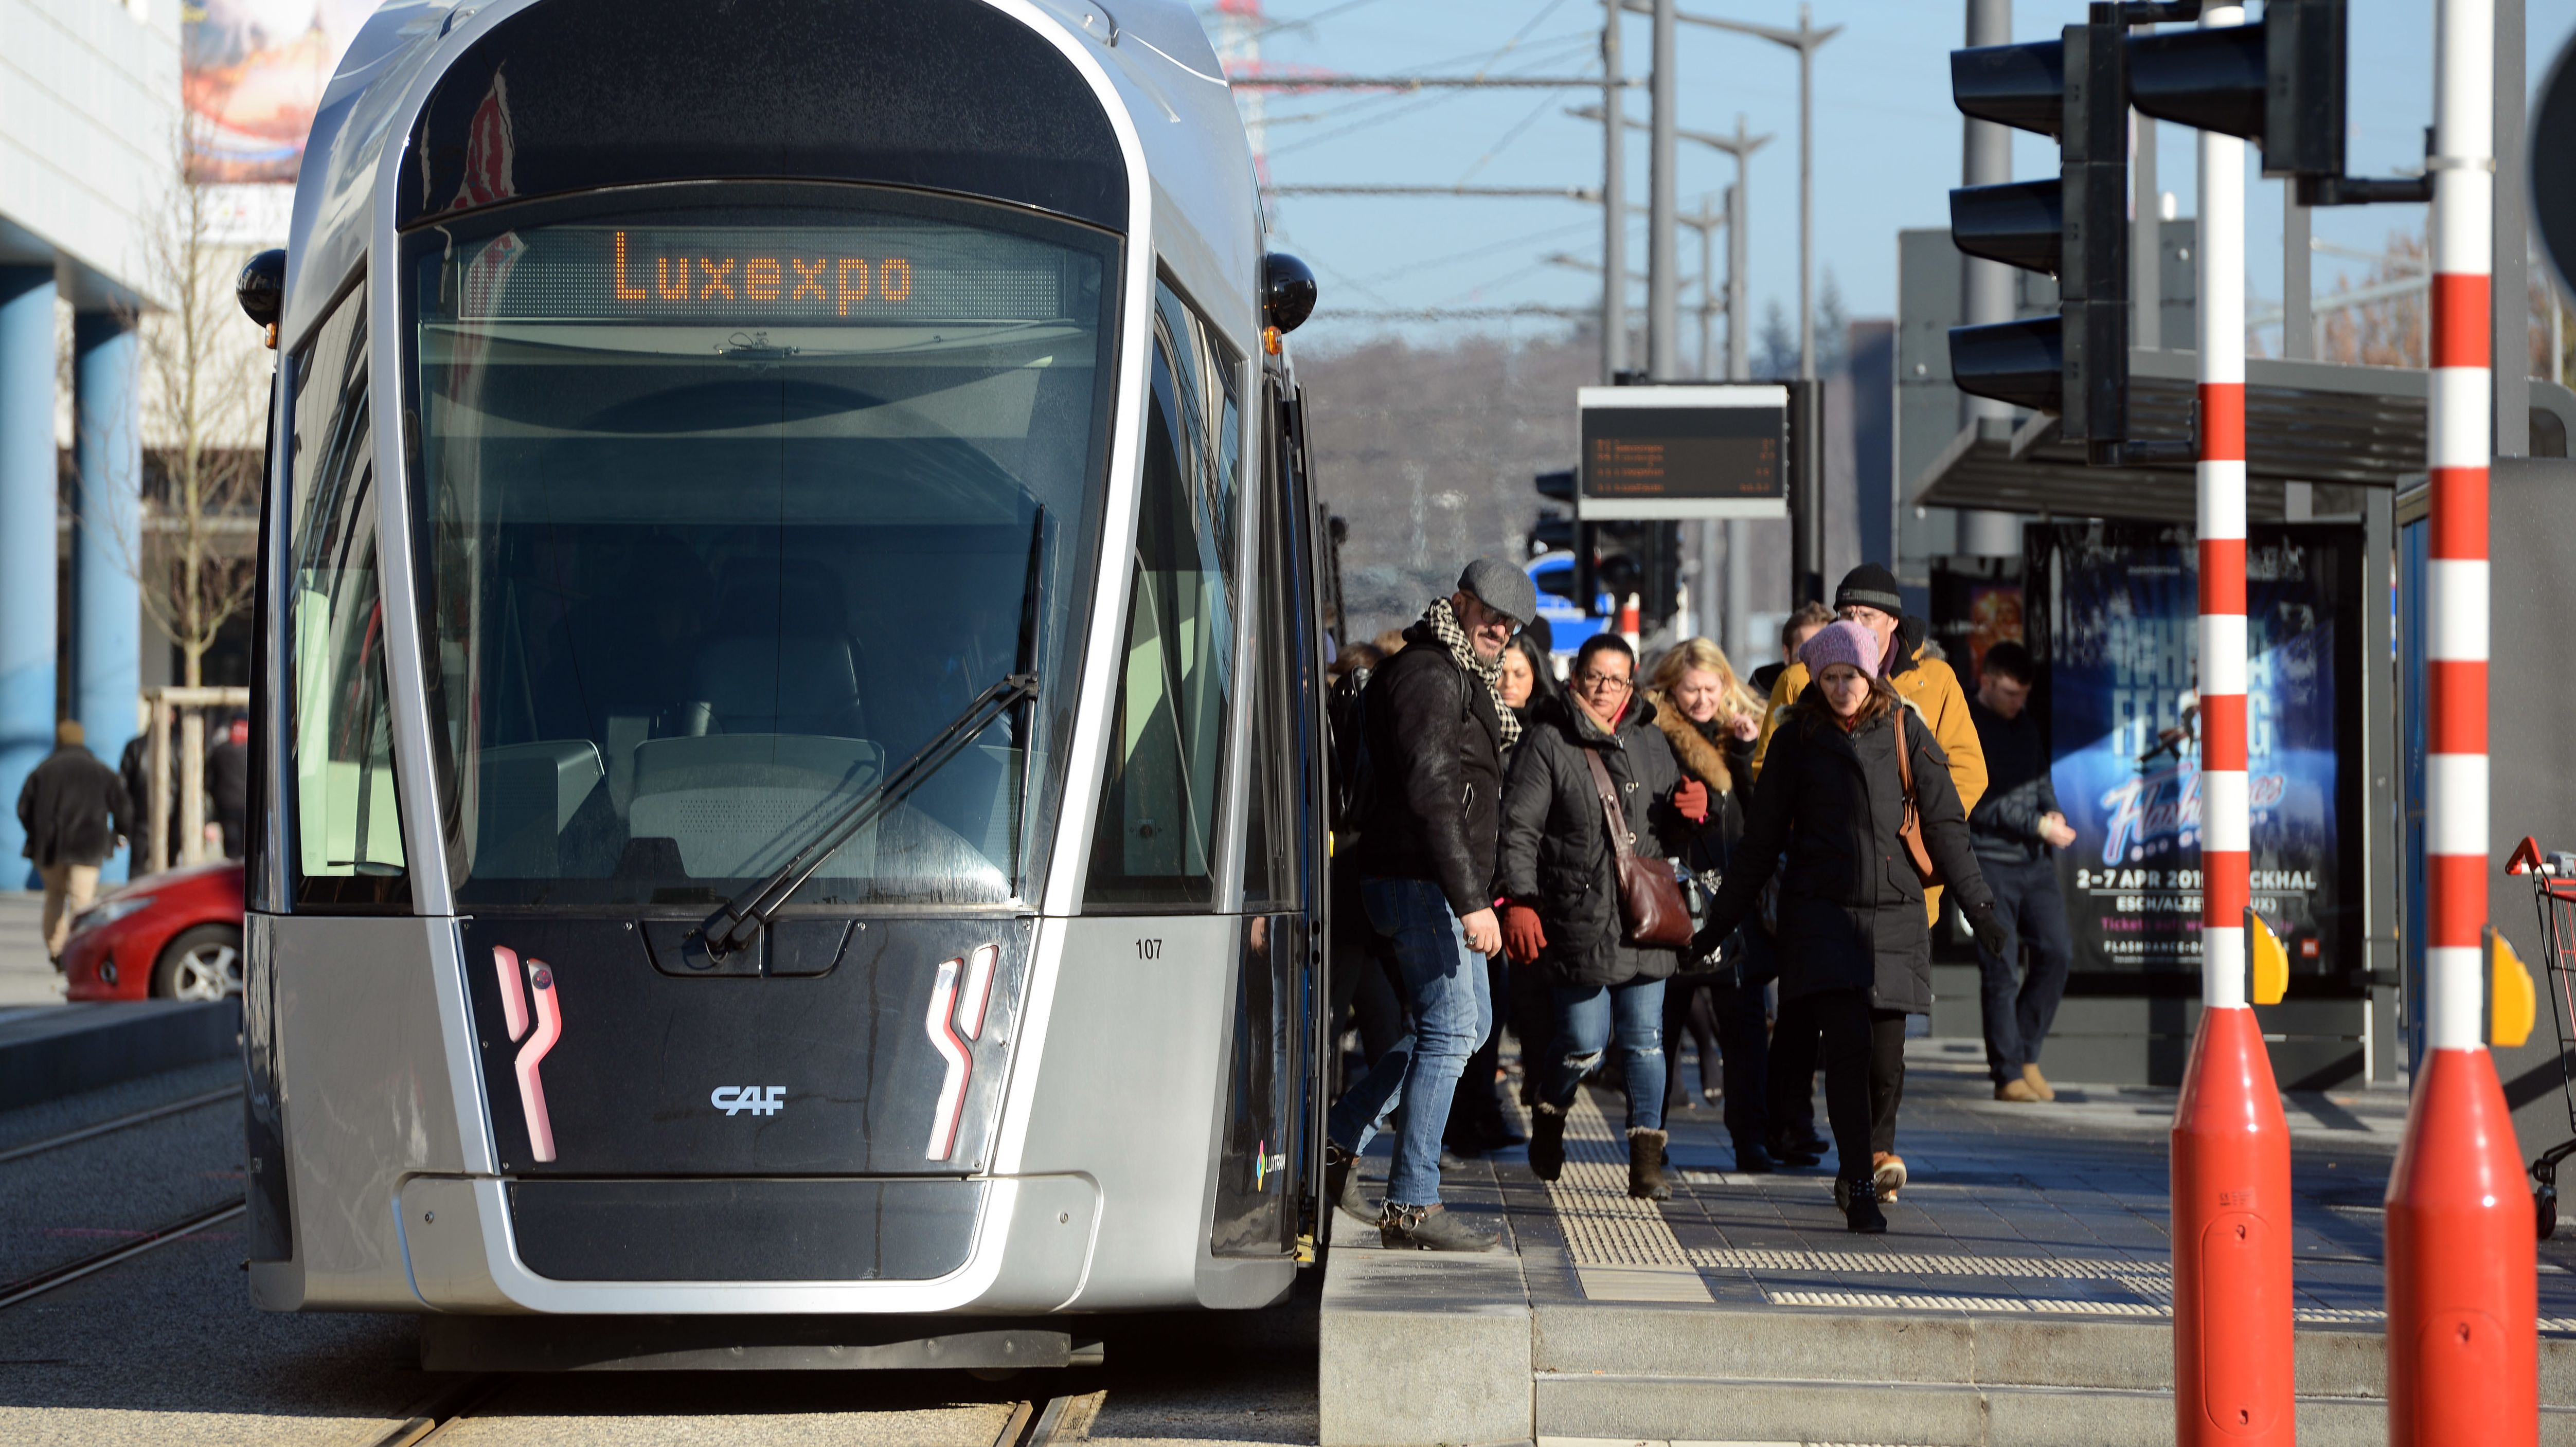 Straßenbahn im Luxemburger Bankenviertel Kirchberg